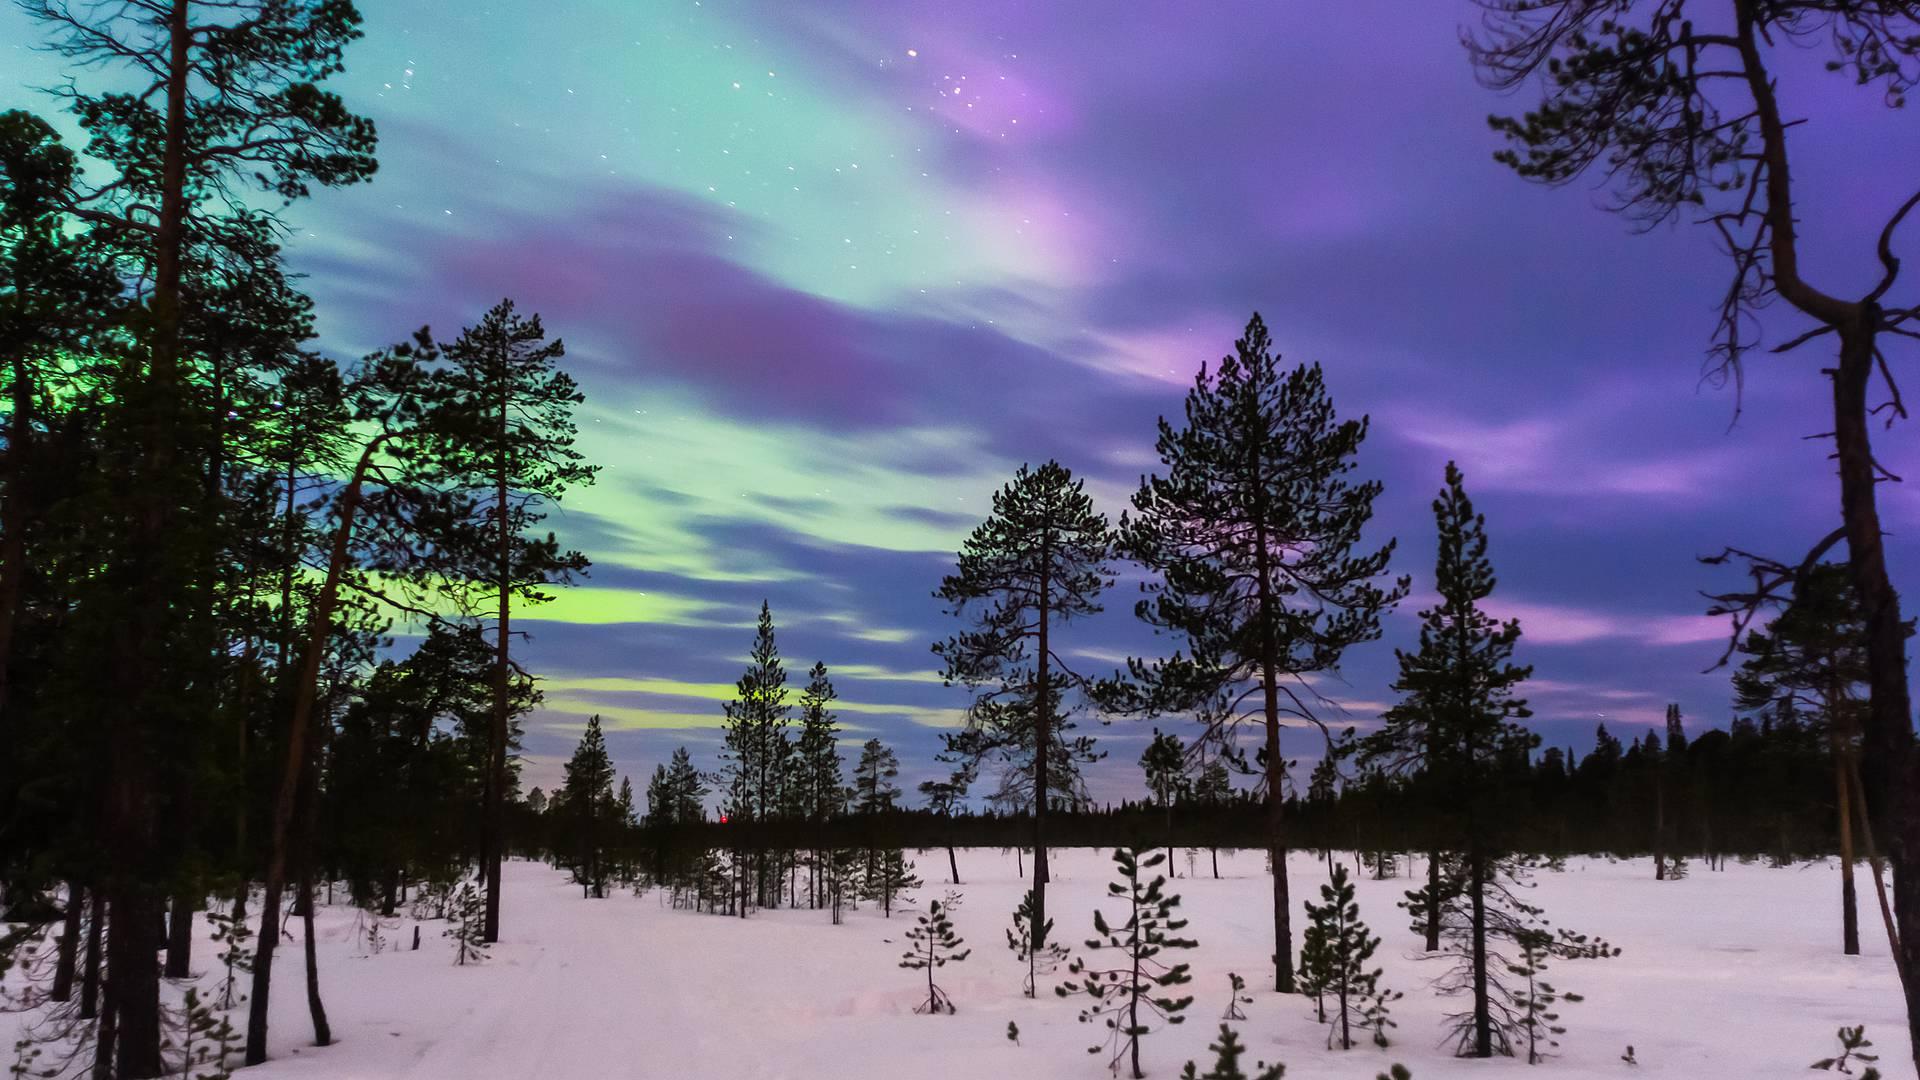 Winterliches Sankt Petersburg und Polarlichter in Murmansk